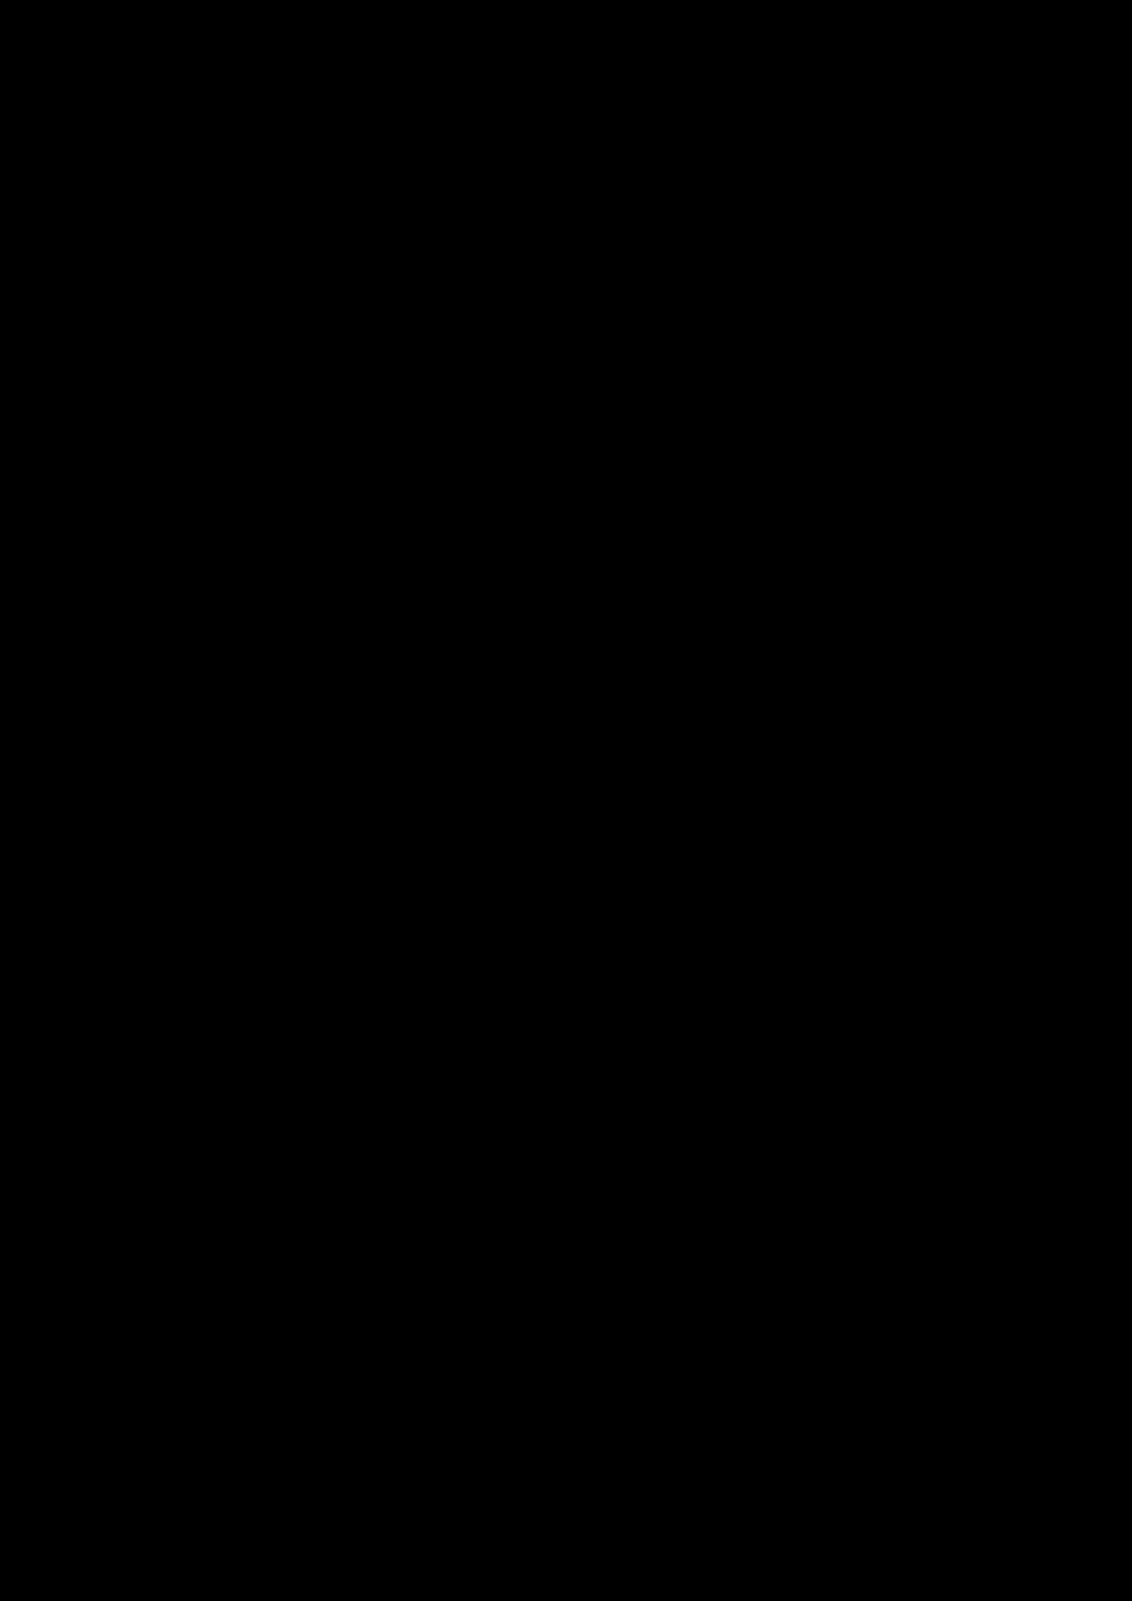 Prolog slide, Image 3